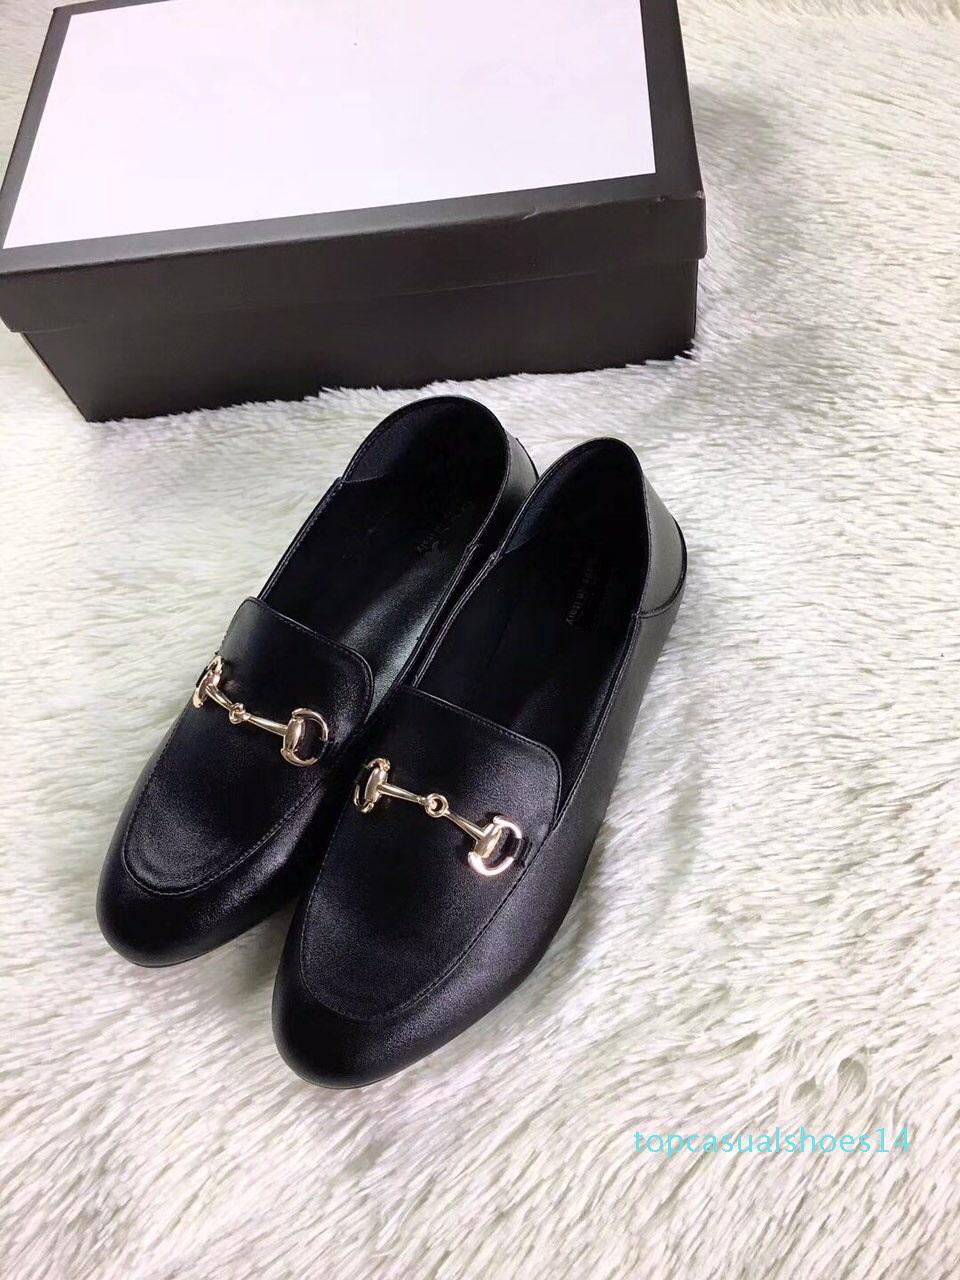 mocasines de cuero de lujo Muller Mens zapatos de diseño zapatos con hebilla de Moda Hombres Mujeres Princetown casual de las señoras mulas Pisos 34-40